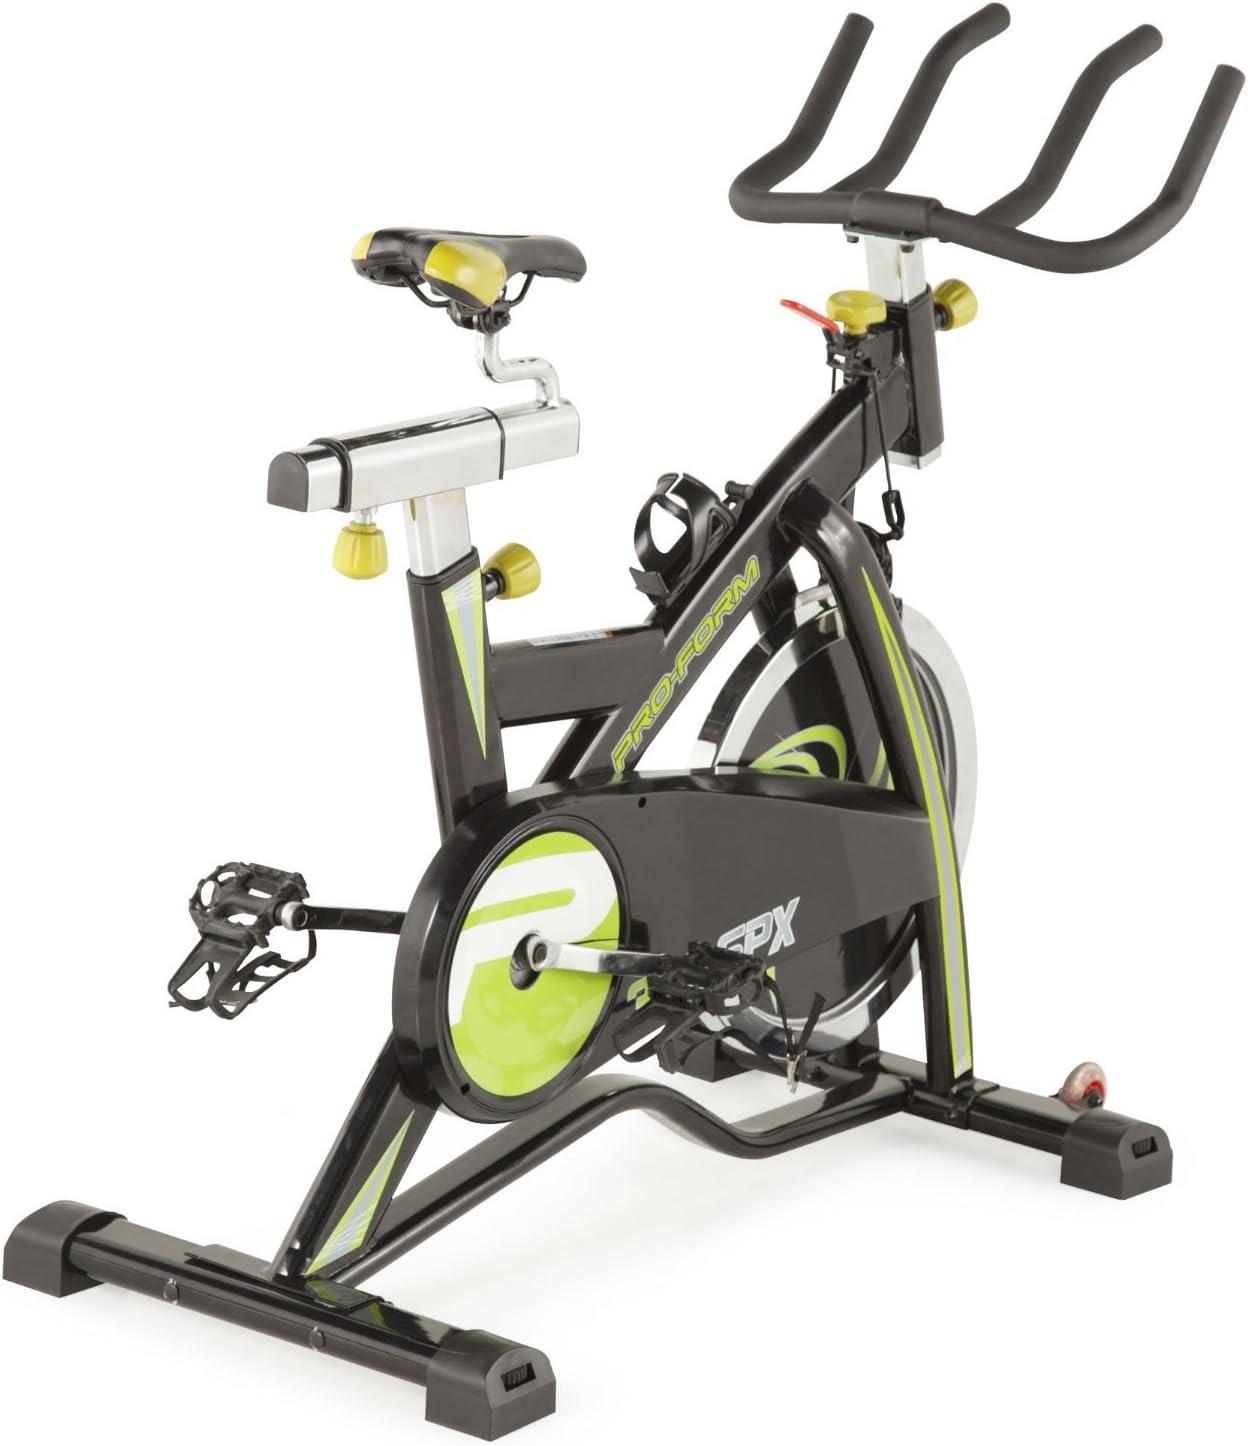 ProForm - Bicicleta Indoor 320 Spx: Amazon.es: Deportes y aire libre